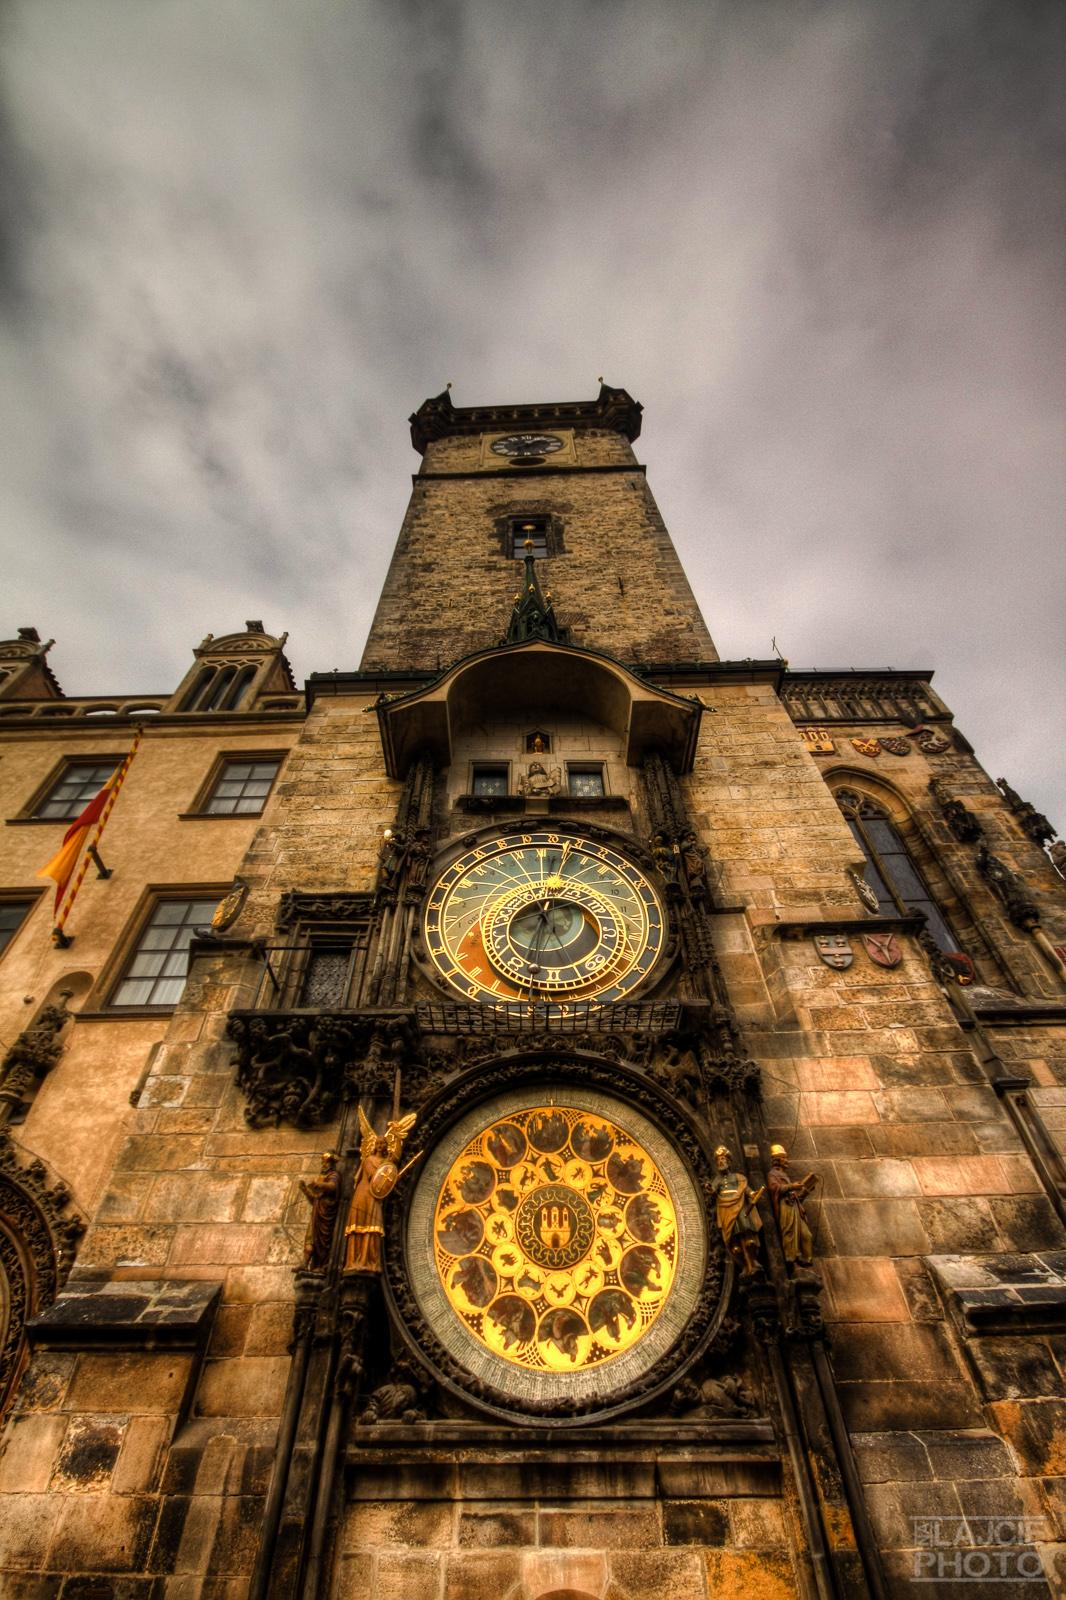 Praski zegar